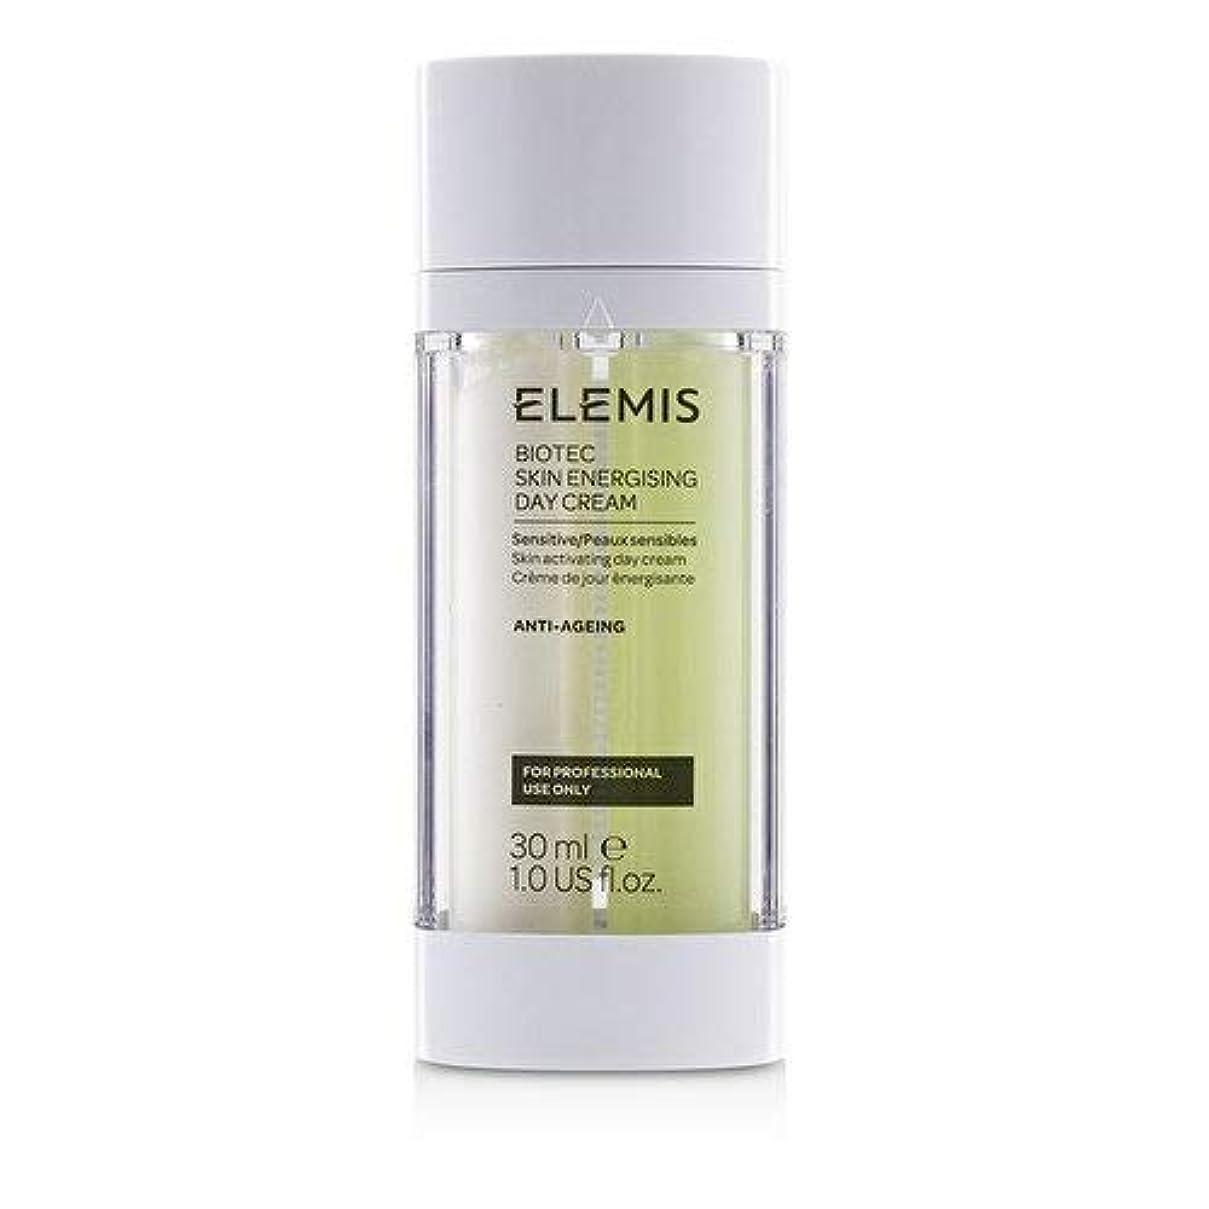 前部超音速引退するエレミス BIOTEC Skin Energising Day Cream - Sensitive (Salon Product) 30ml/1oz並行輸入品